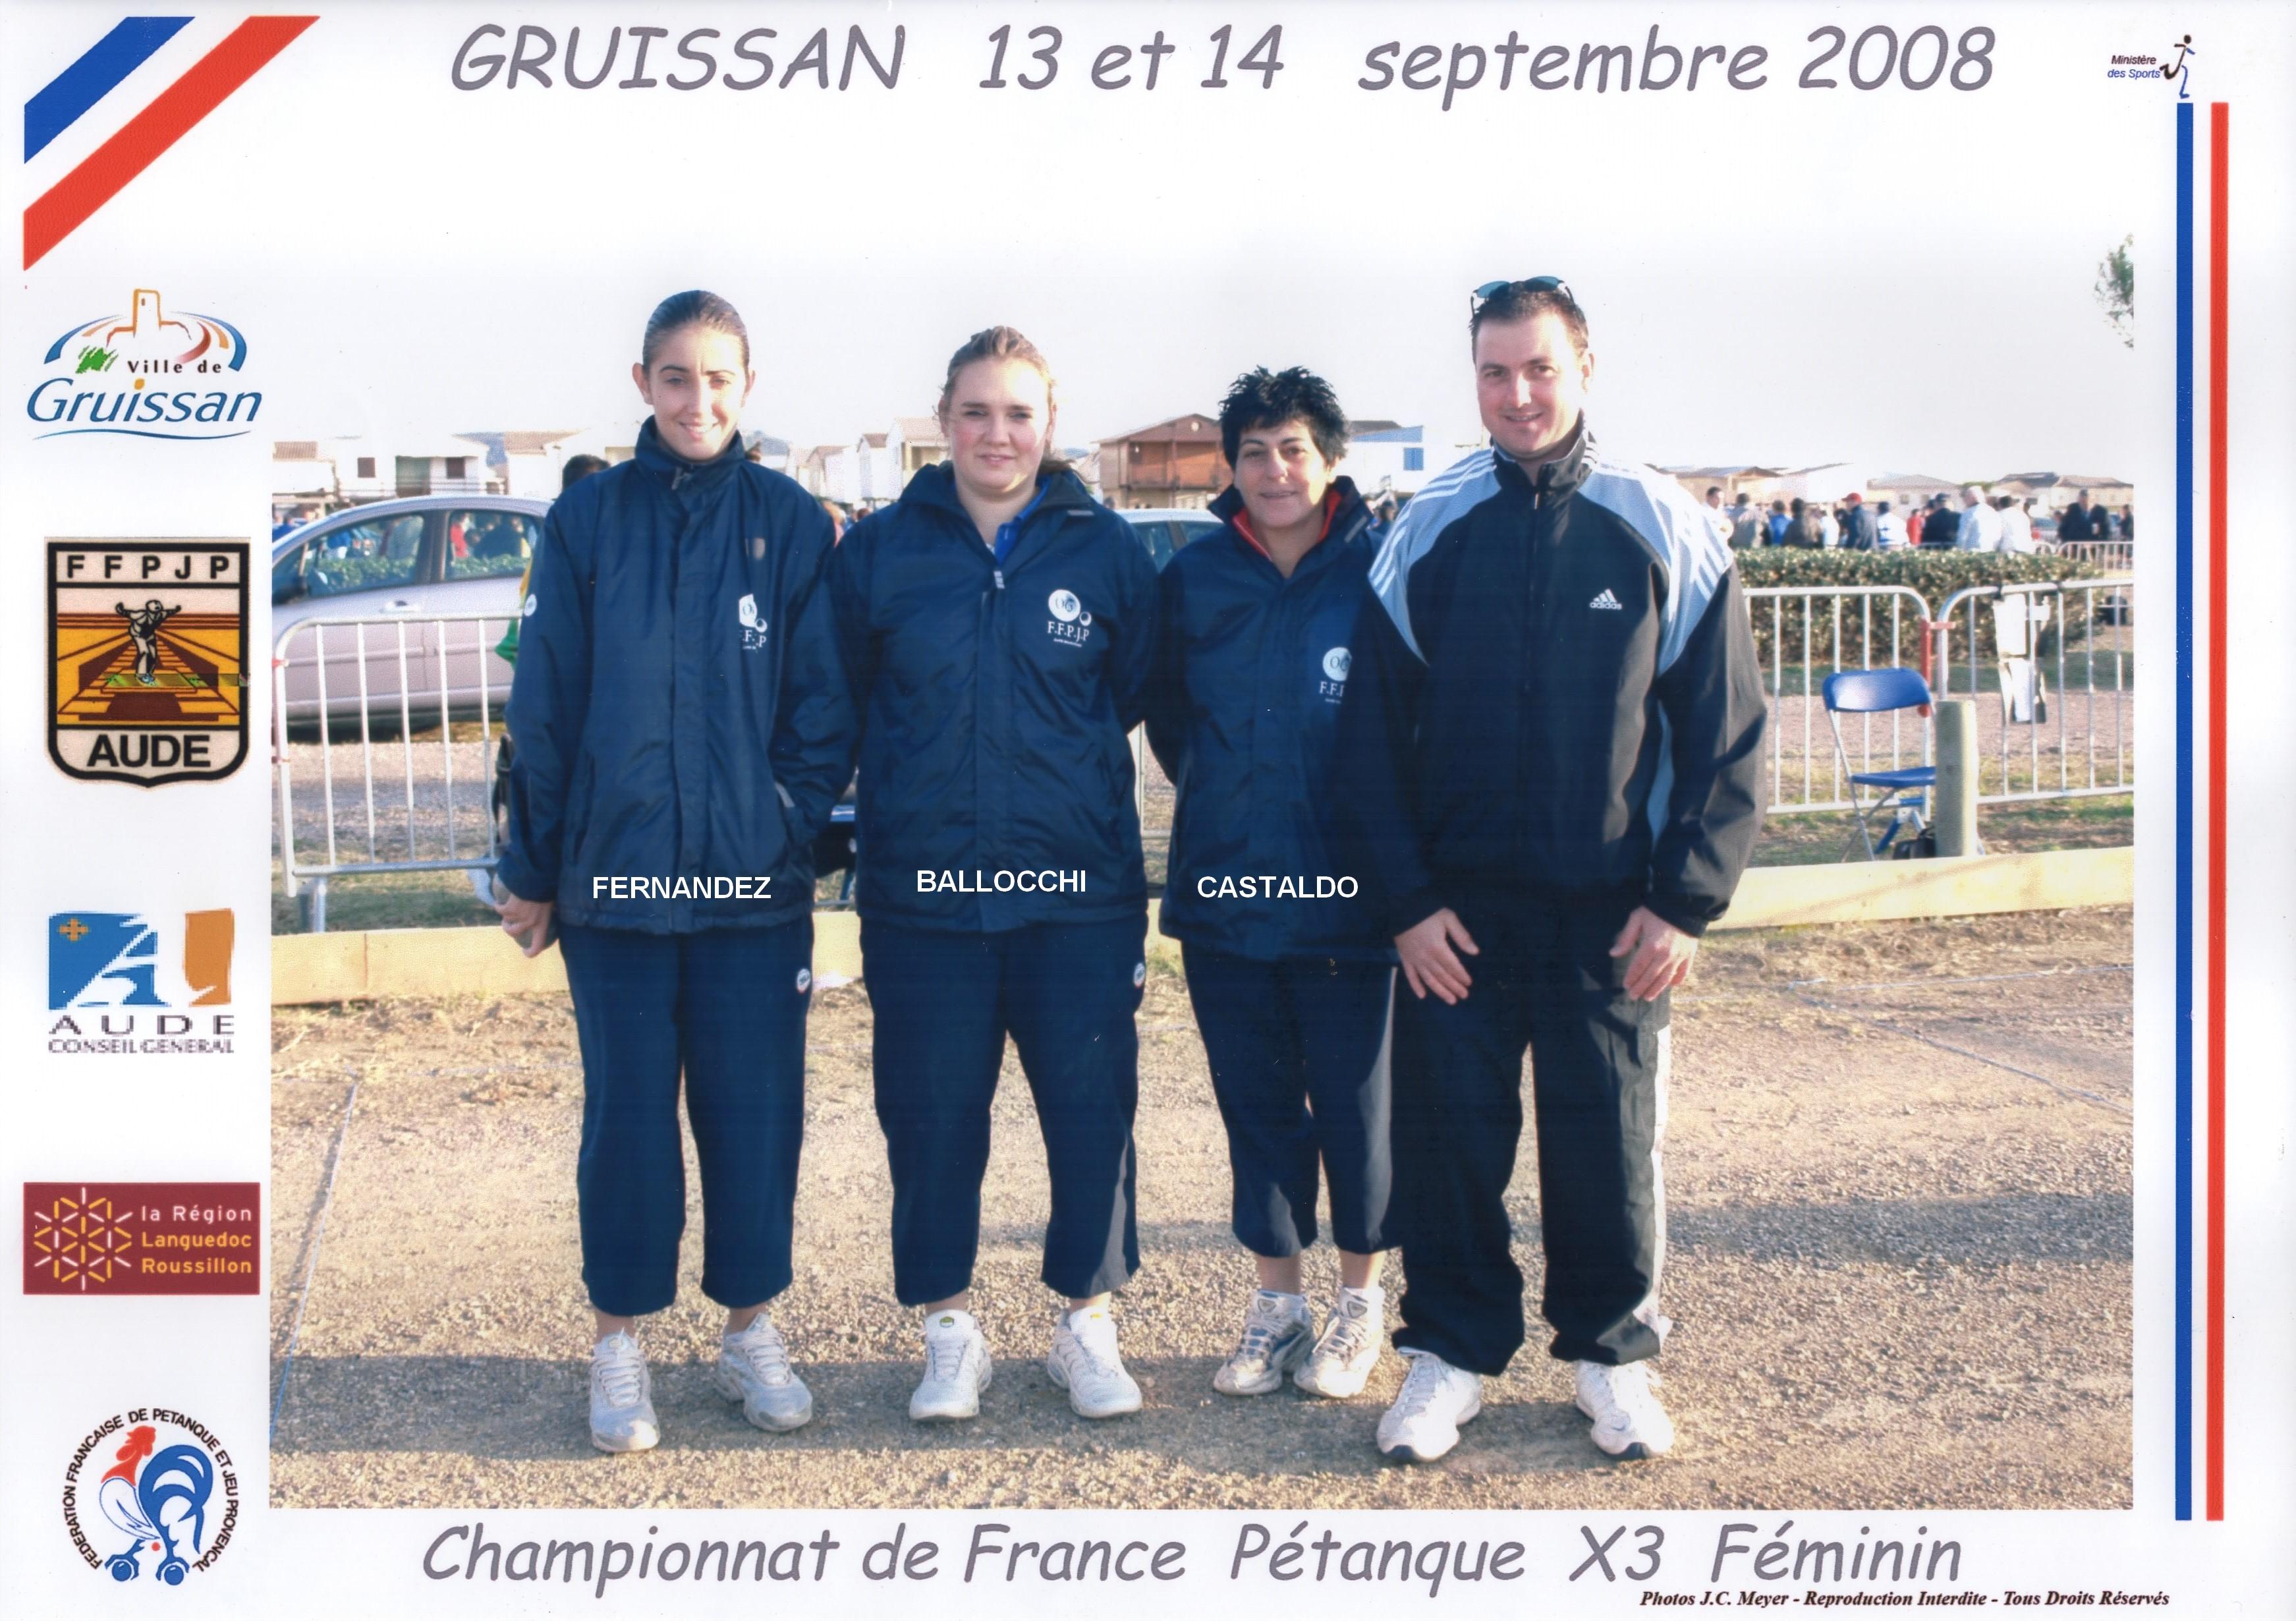 Les vices-championnes triplettes du 06